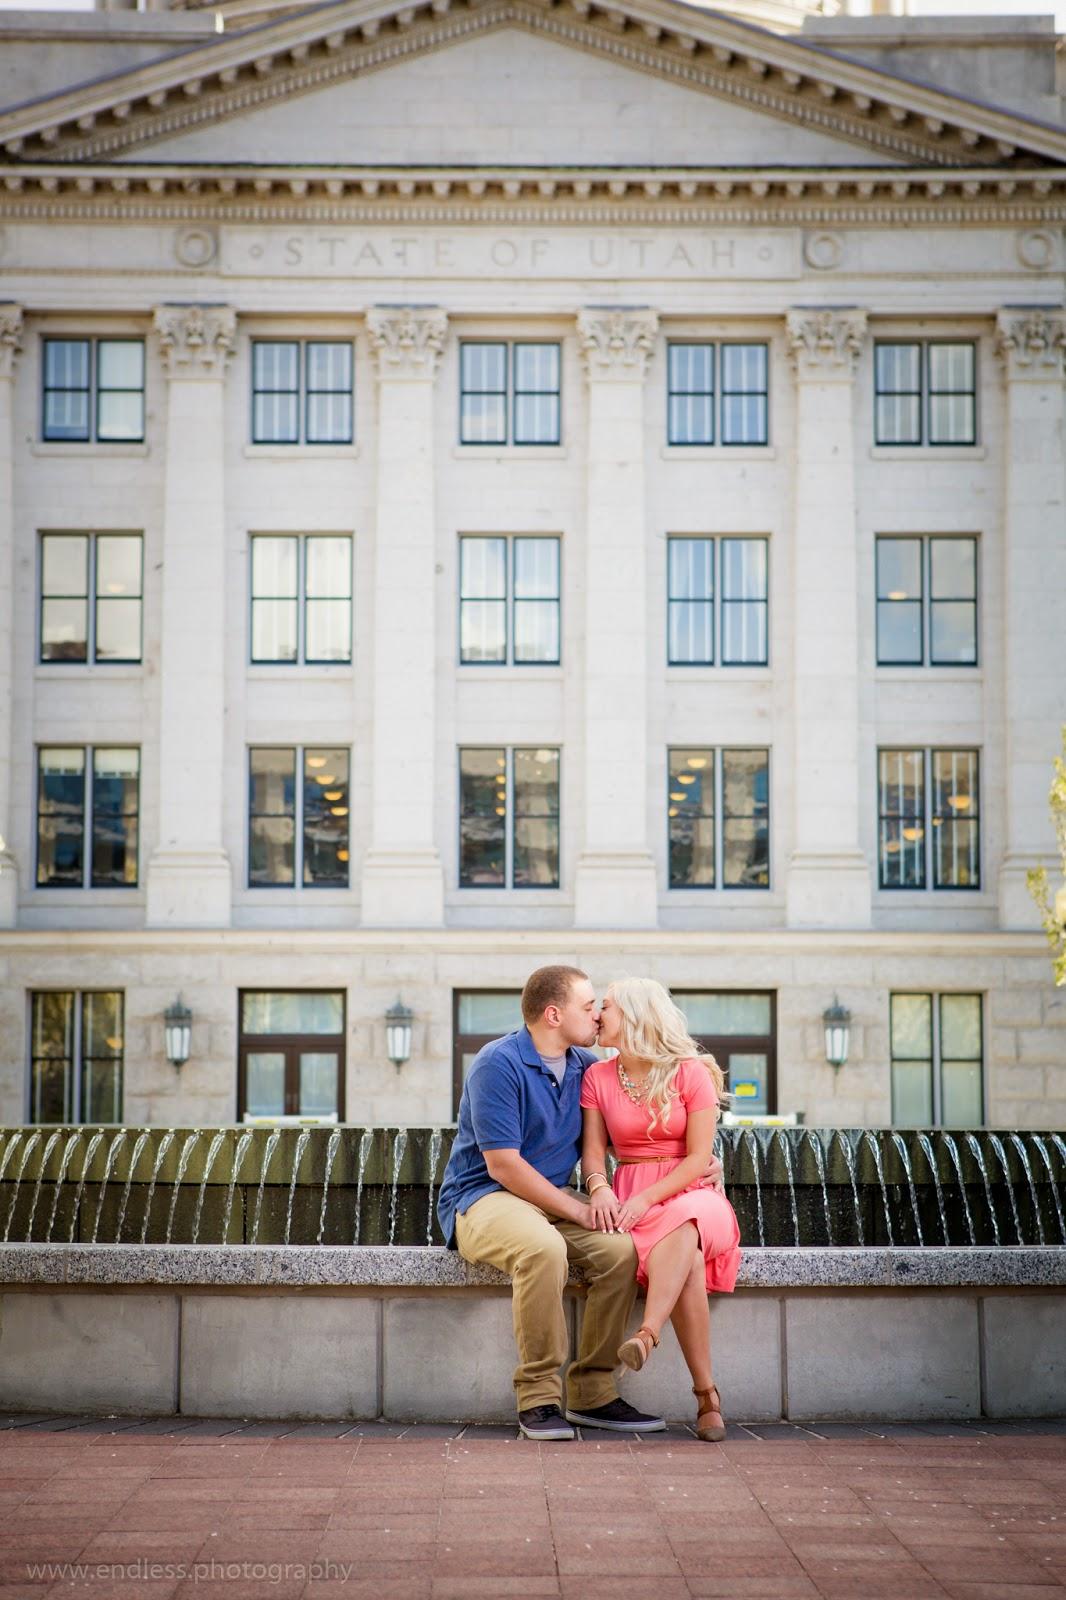 Logan Utah Wedding Photographers, Logan, Utah, Wedding, Photography, Photographers, Couples, Engagements, Capitol, Spring